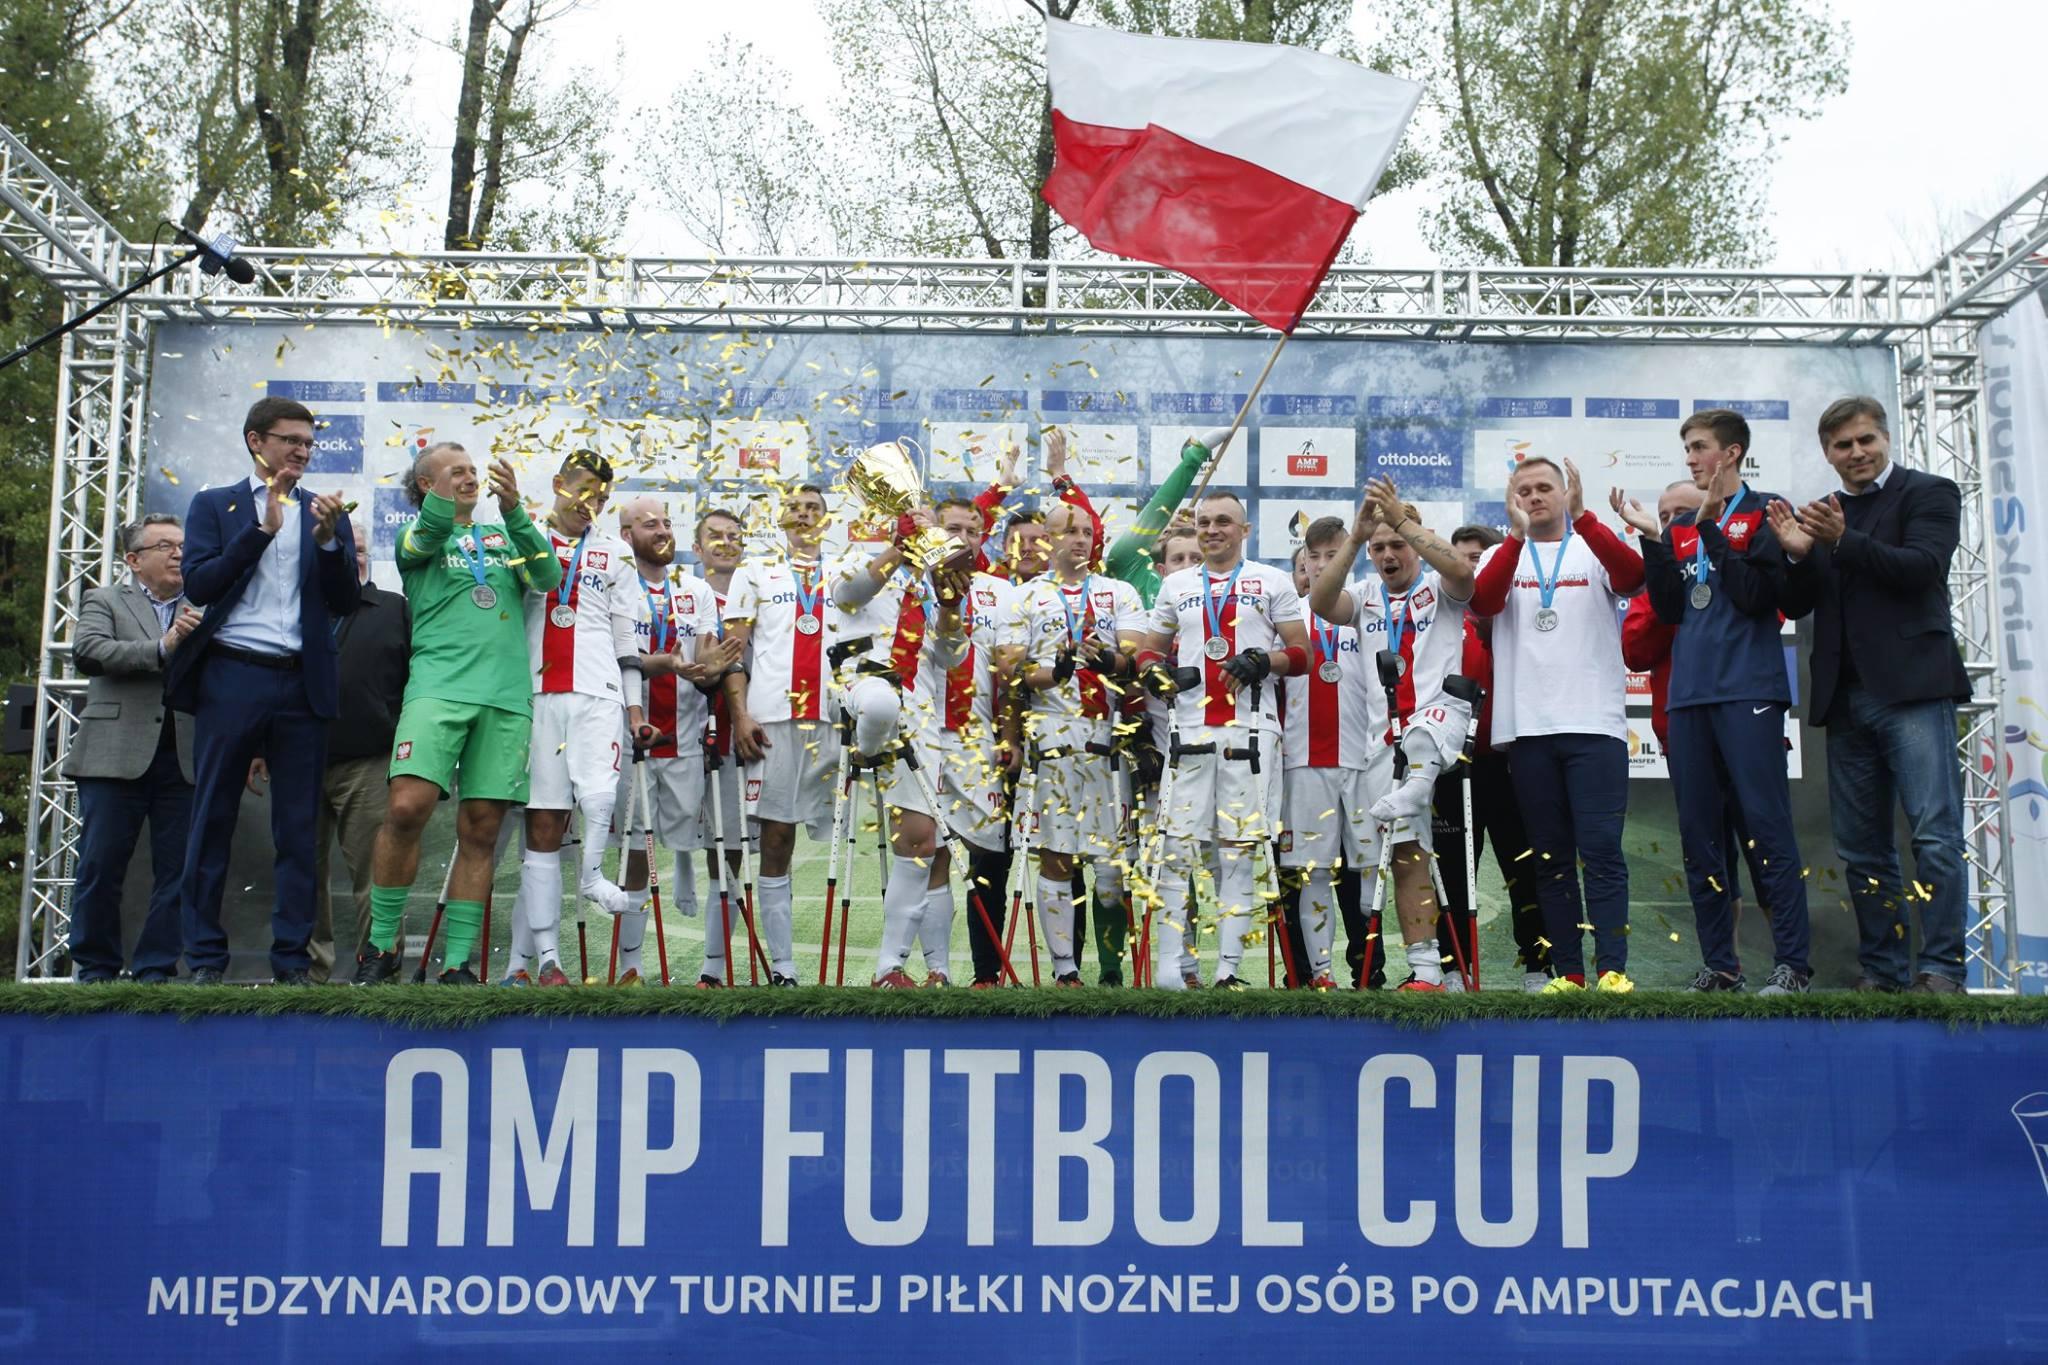 Zdjęcie przedstawia polską drużynę amp footballową na scenie z pucharem za 2 miejsce. Na scenie stoi ok 20 osób, wokół lata konfetti, jeden z zawodników trzyma puchar, a drugi polską flagę.